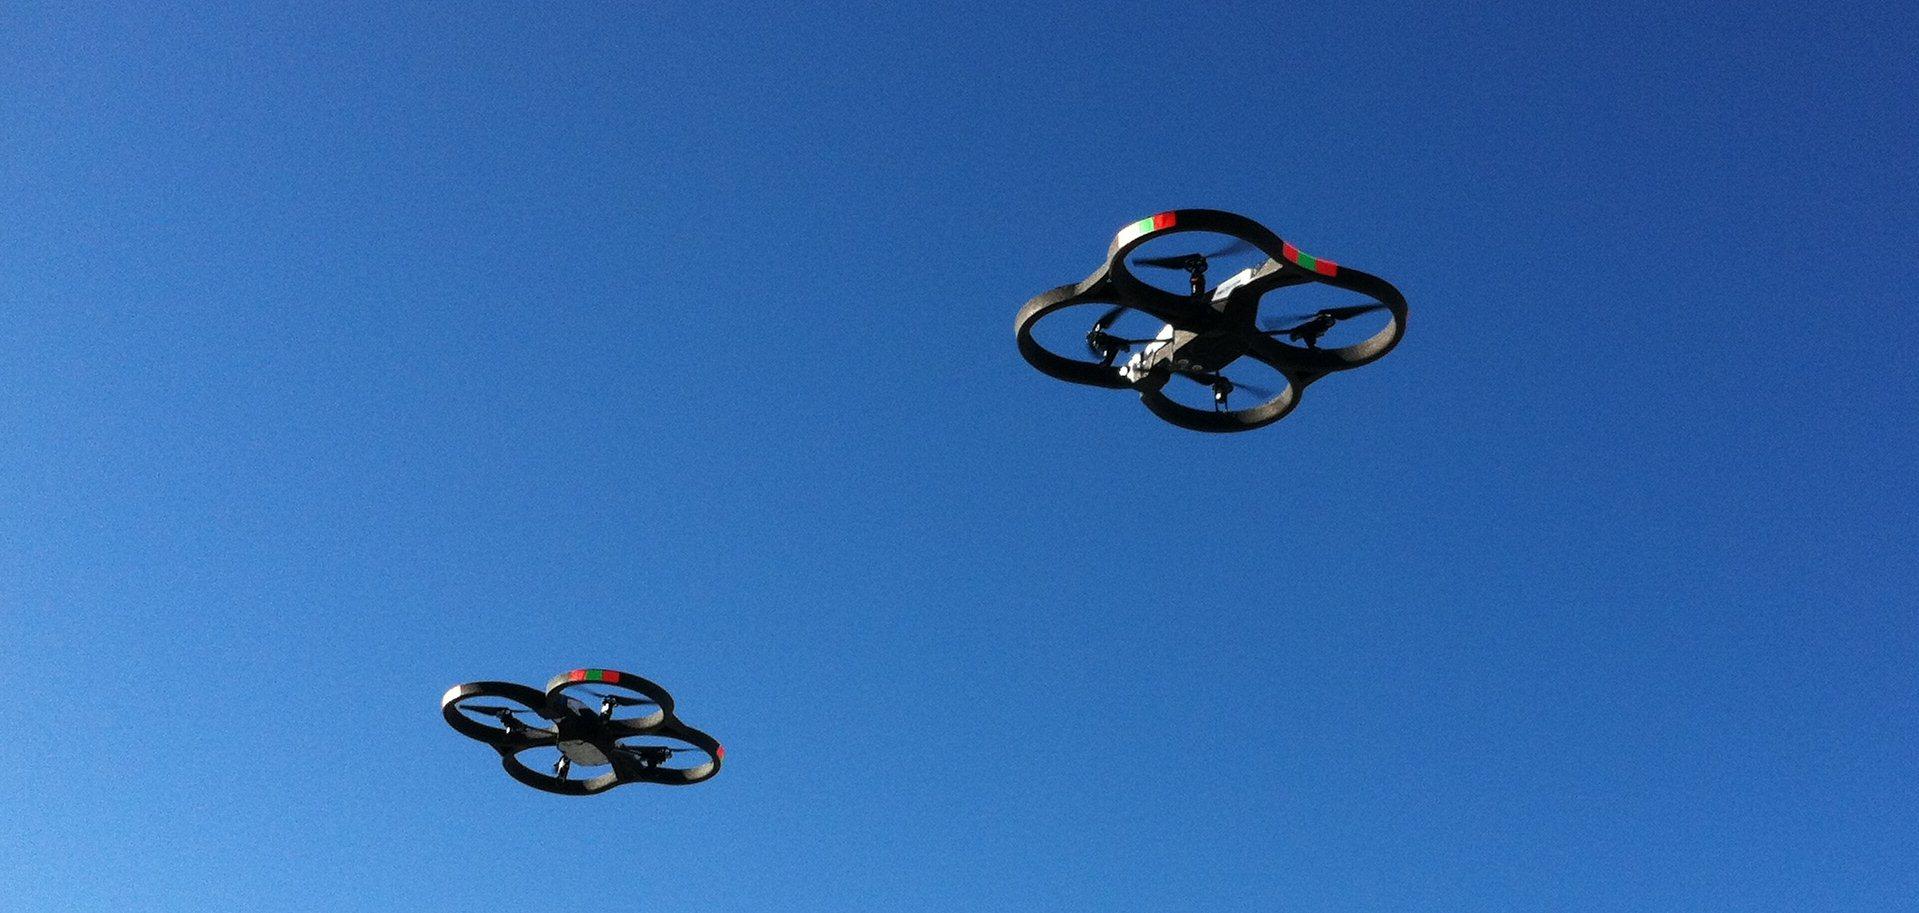 2_parrot_ar.drone_2.0_in_flight